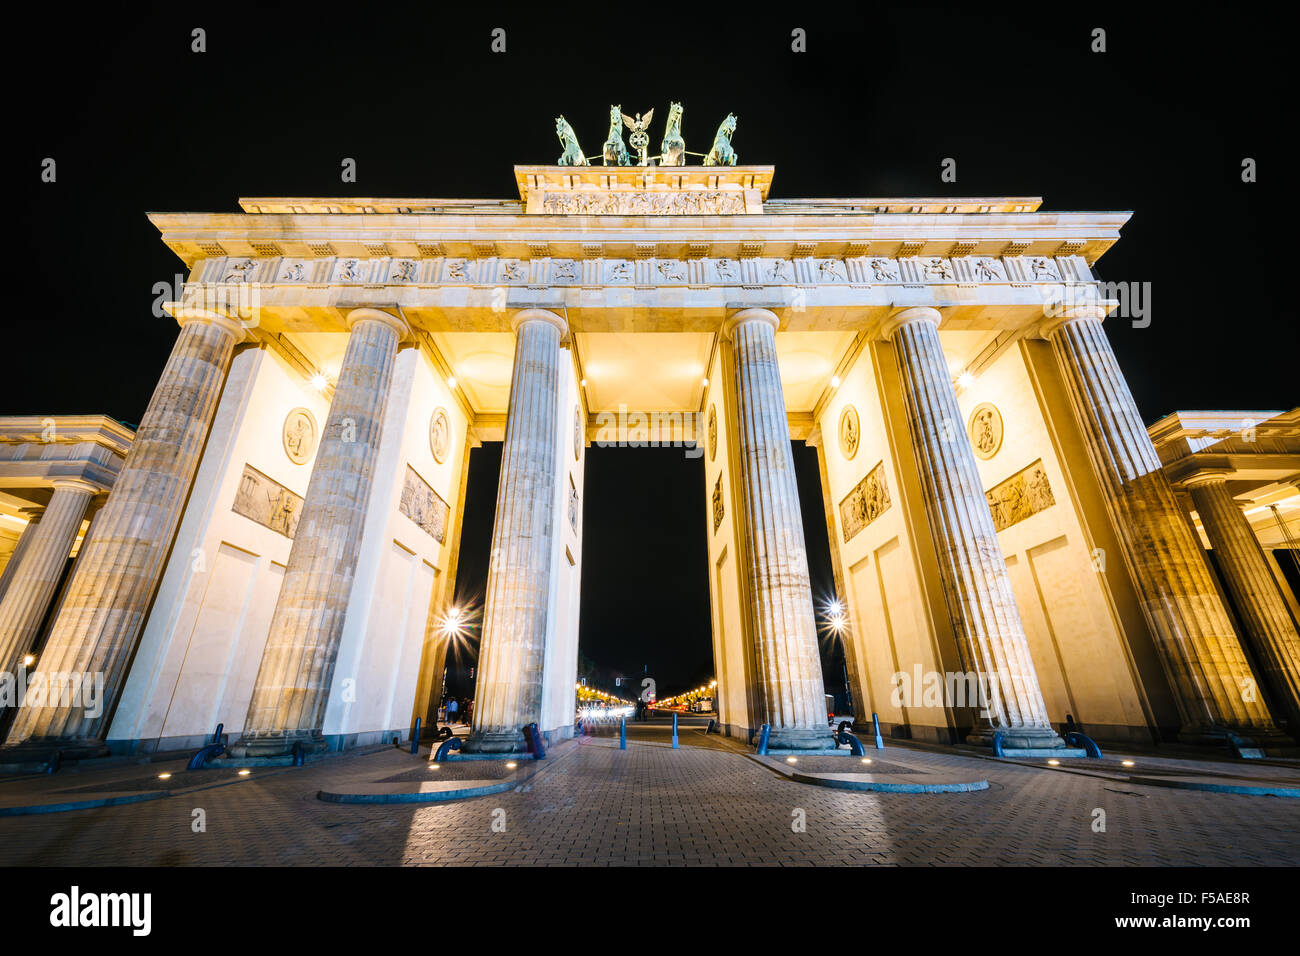 La porte de Brandebourg dans la nuit, à Berlin, Allemagne. Photo Stock